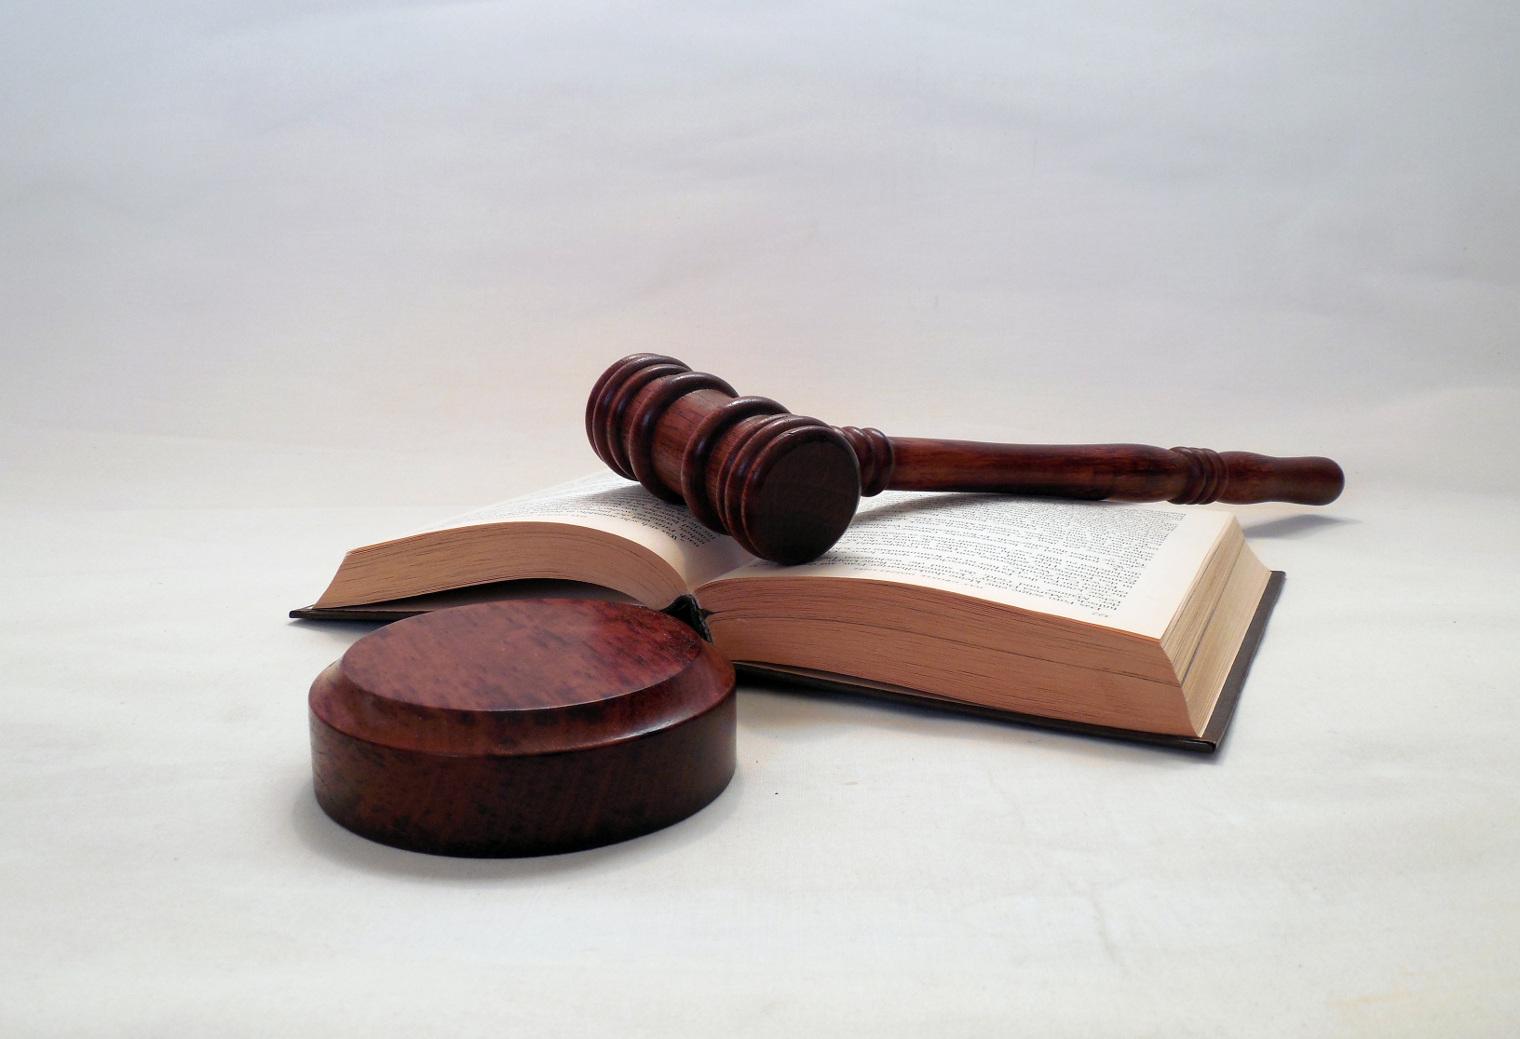 Rechtliche-Vertretung